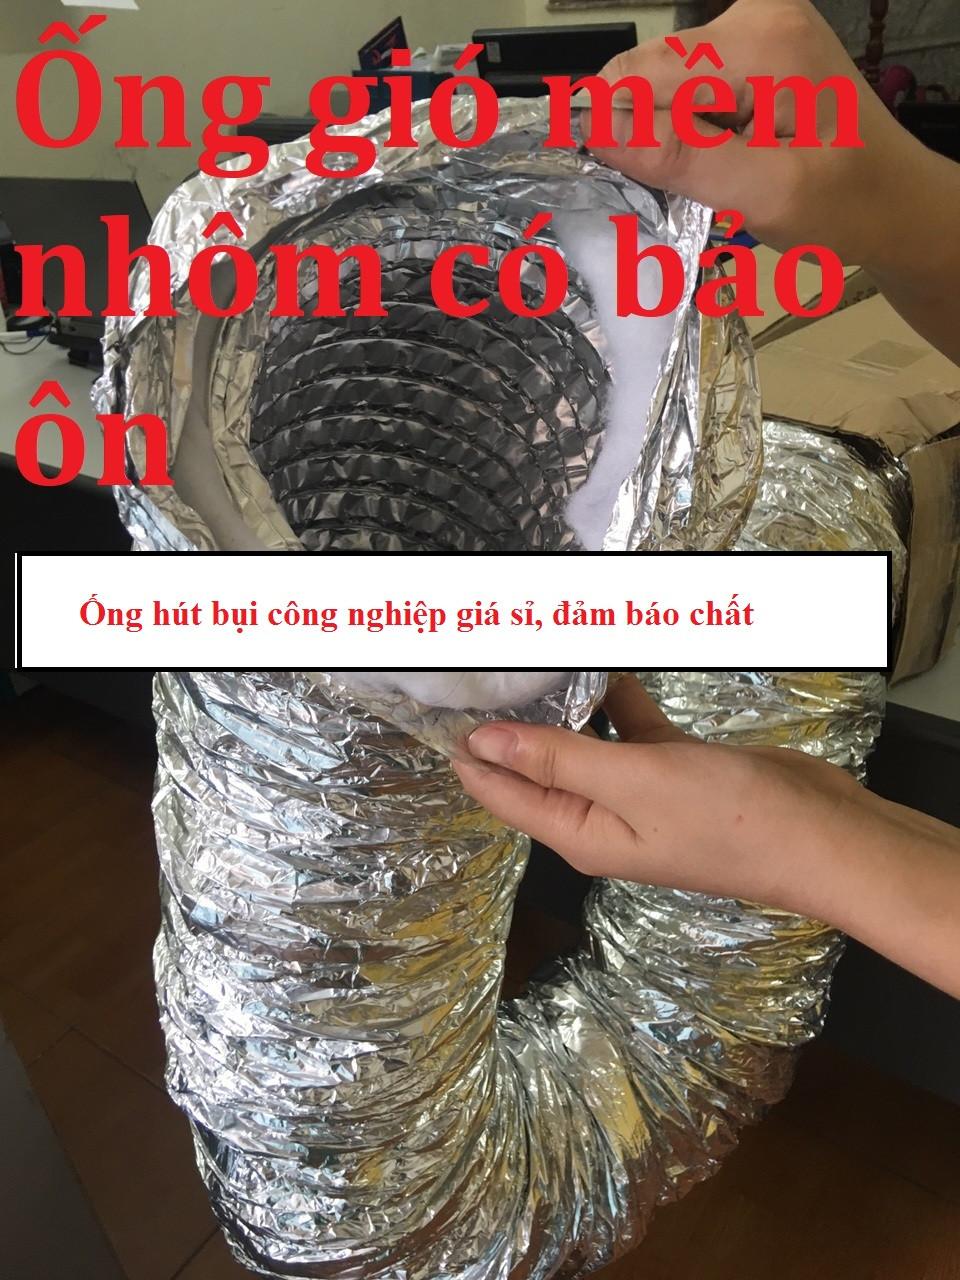 Kinh doanh ống hút bụi công nghiệp, ống hút khí nóng, ống thông gió, ống hút bụi gân nhựa